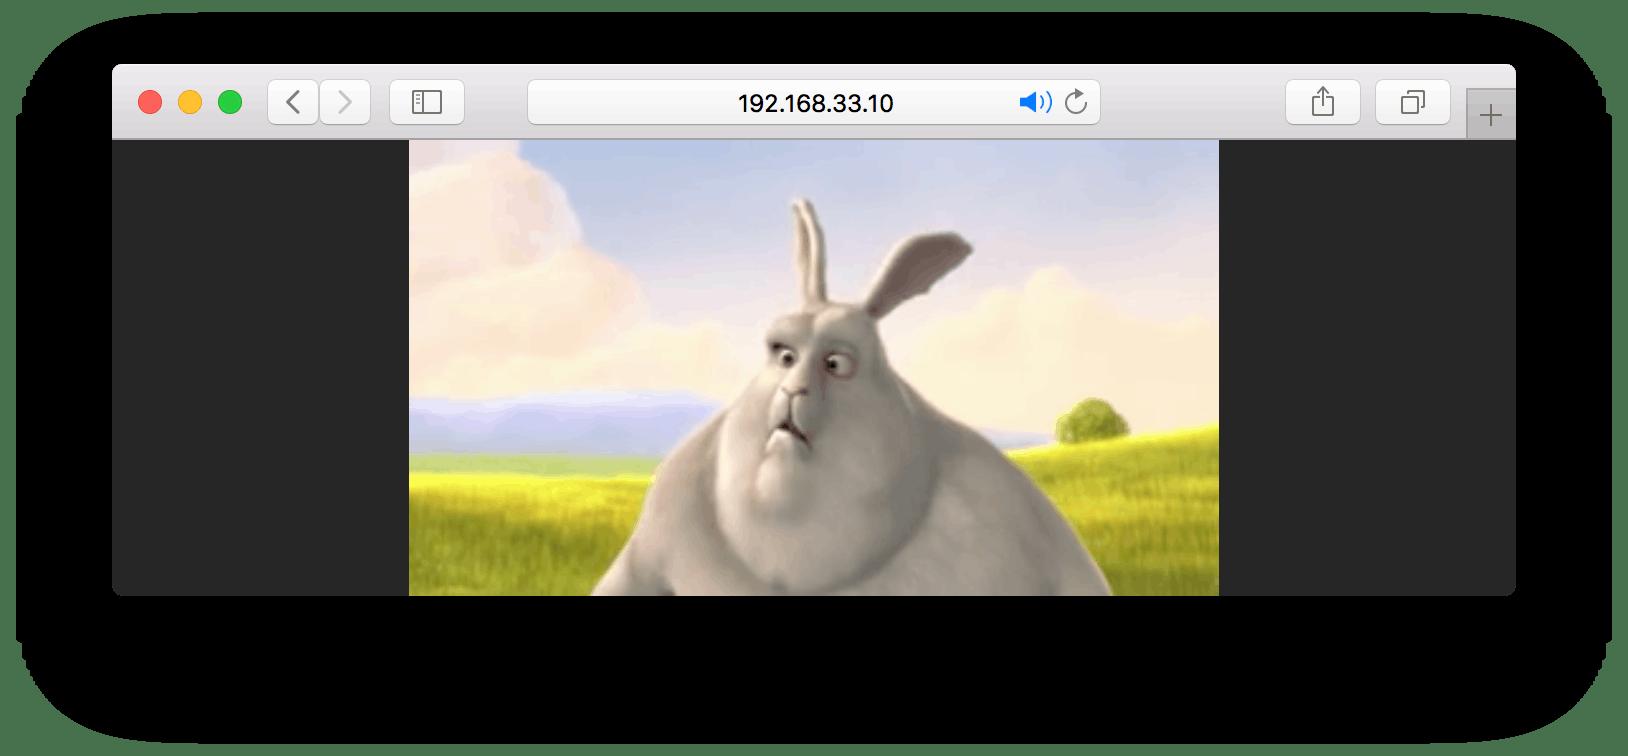 Safariから`video/playlist.m3u8`にアクセス